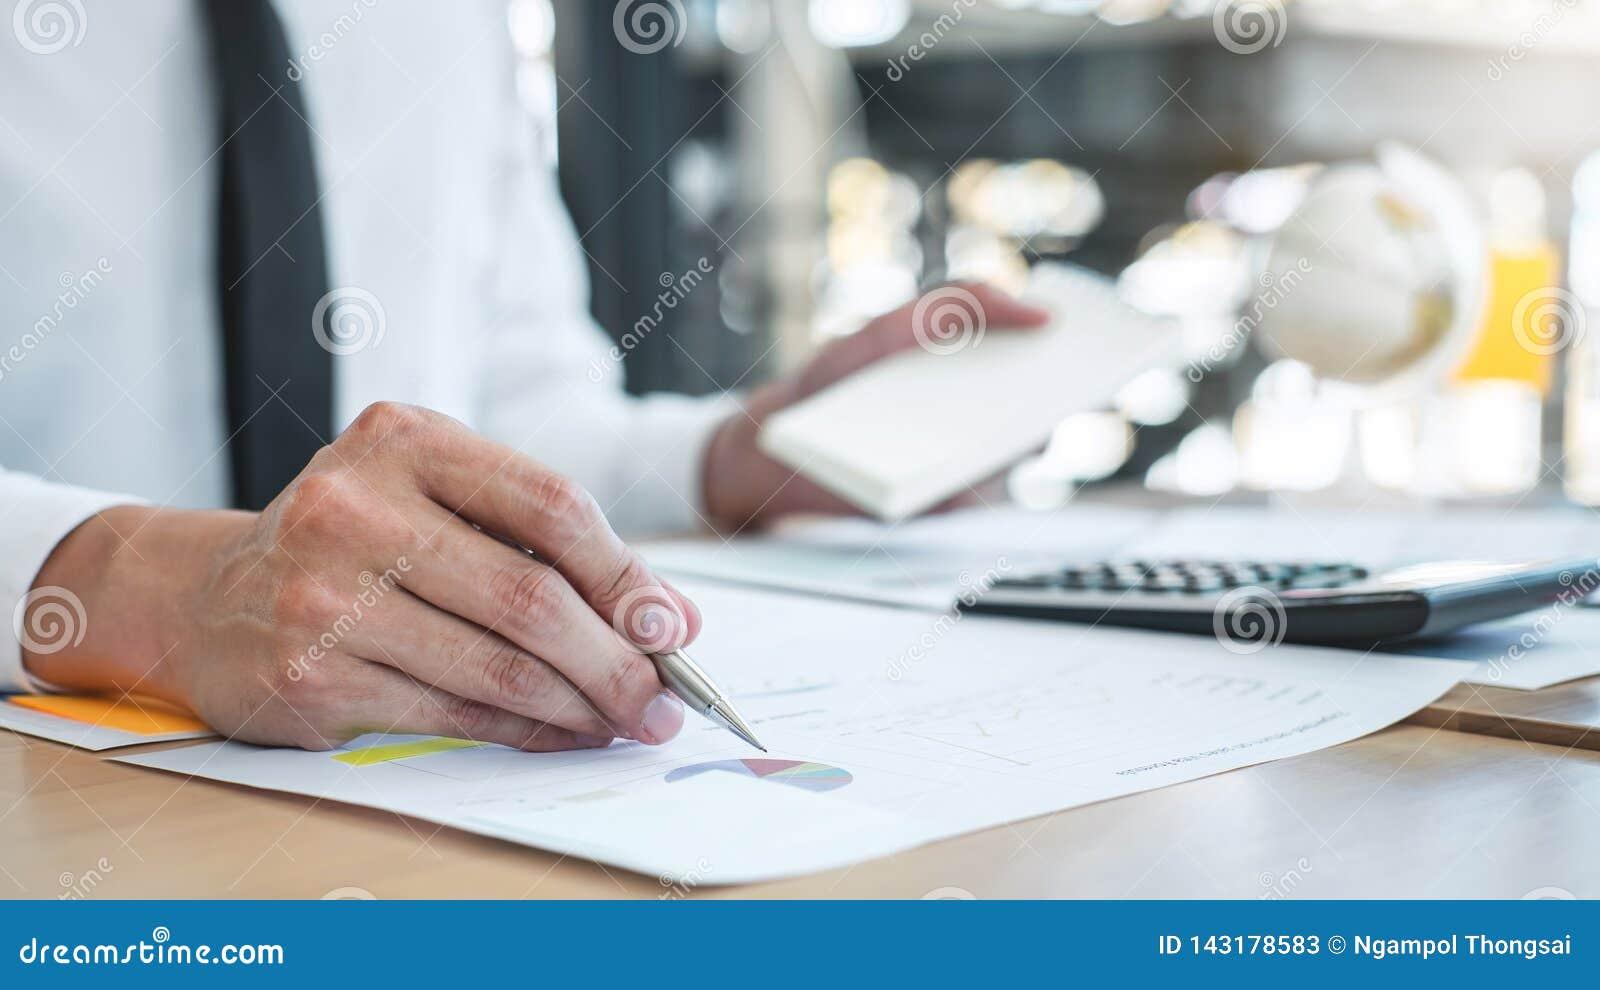 Οικονομική ετήσια οικονομική δήλωση ισολογισμών εκθέσεων δαπάνης ανάλυσης και υπολογισμού εργασίας λογιστών επιχειρηματιών, να κά